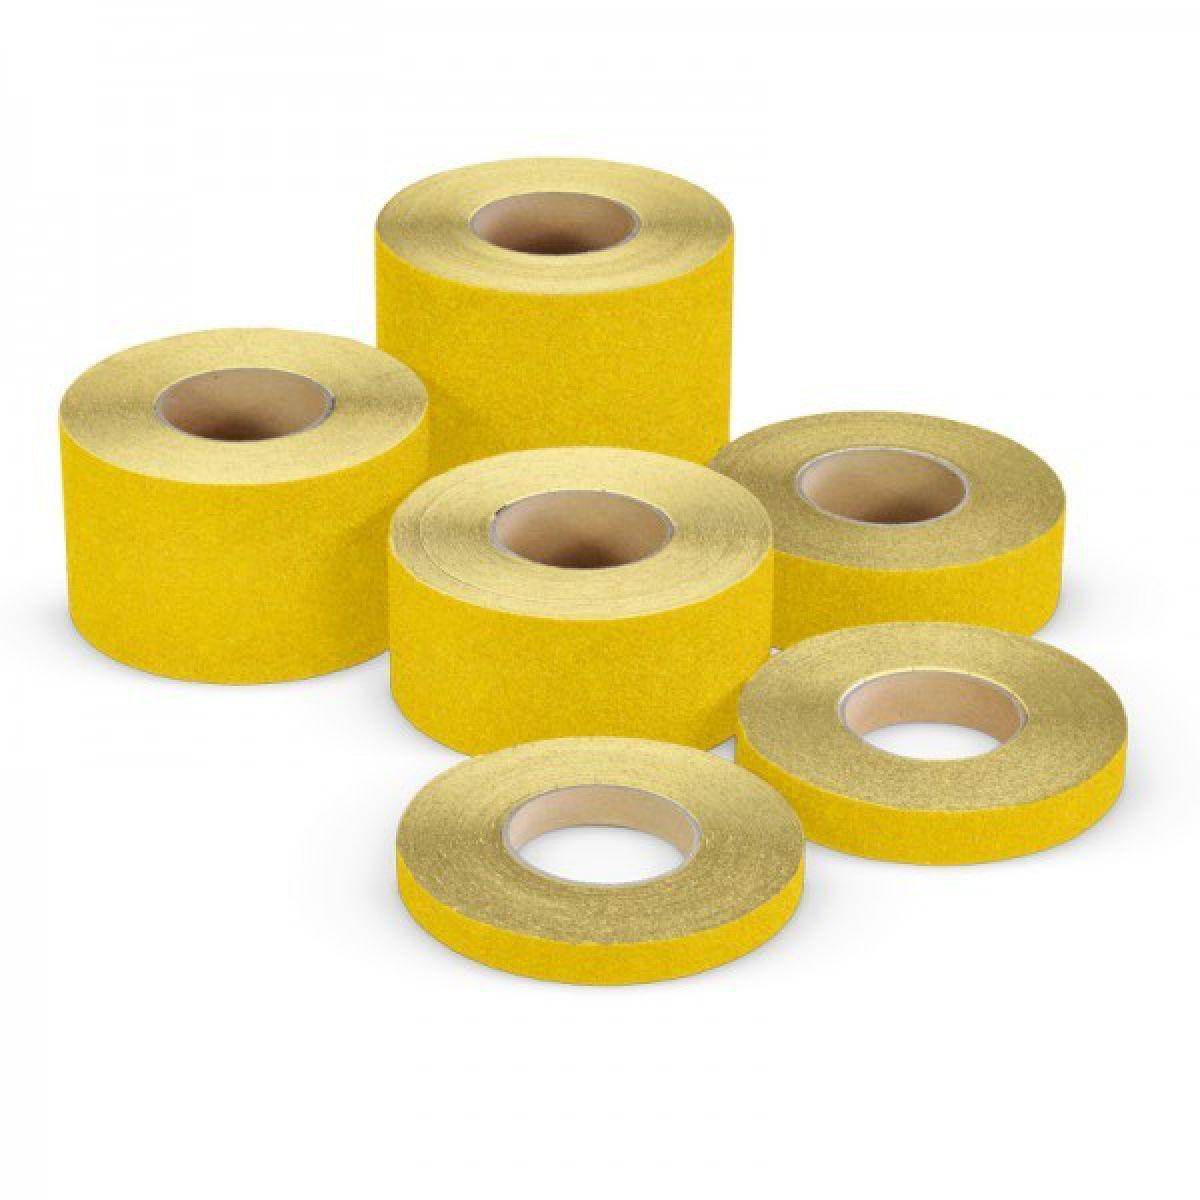 Лента противоскользящая желтая высокой проходимости премиум US505